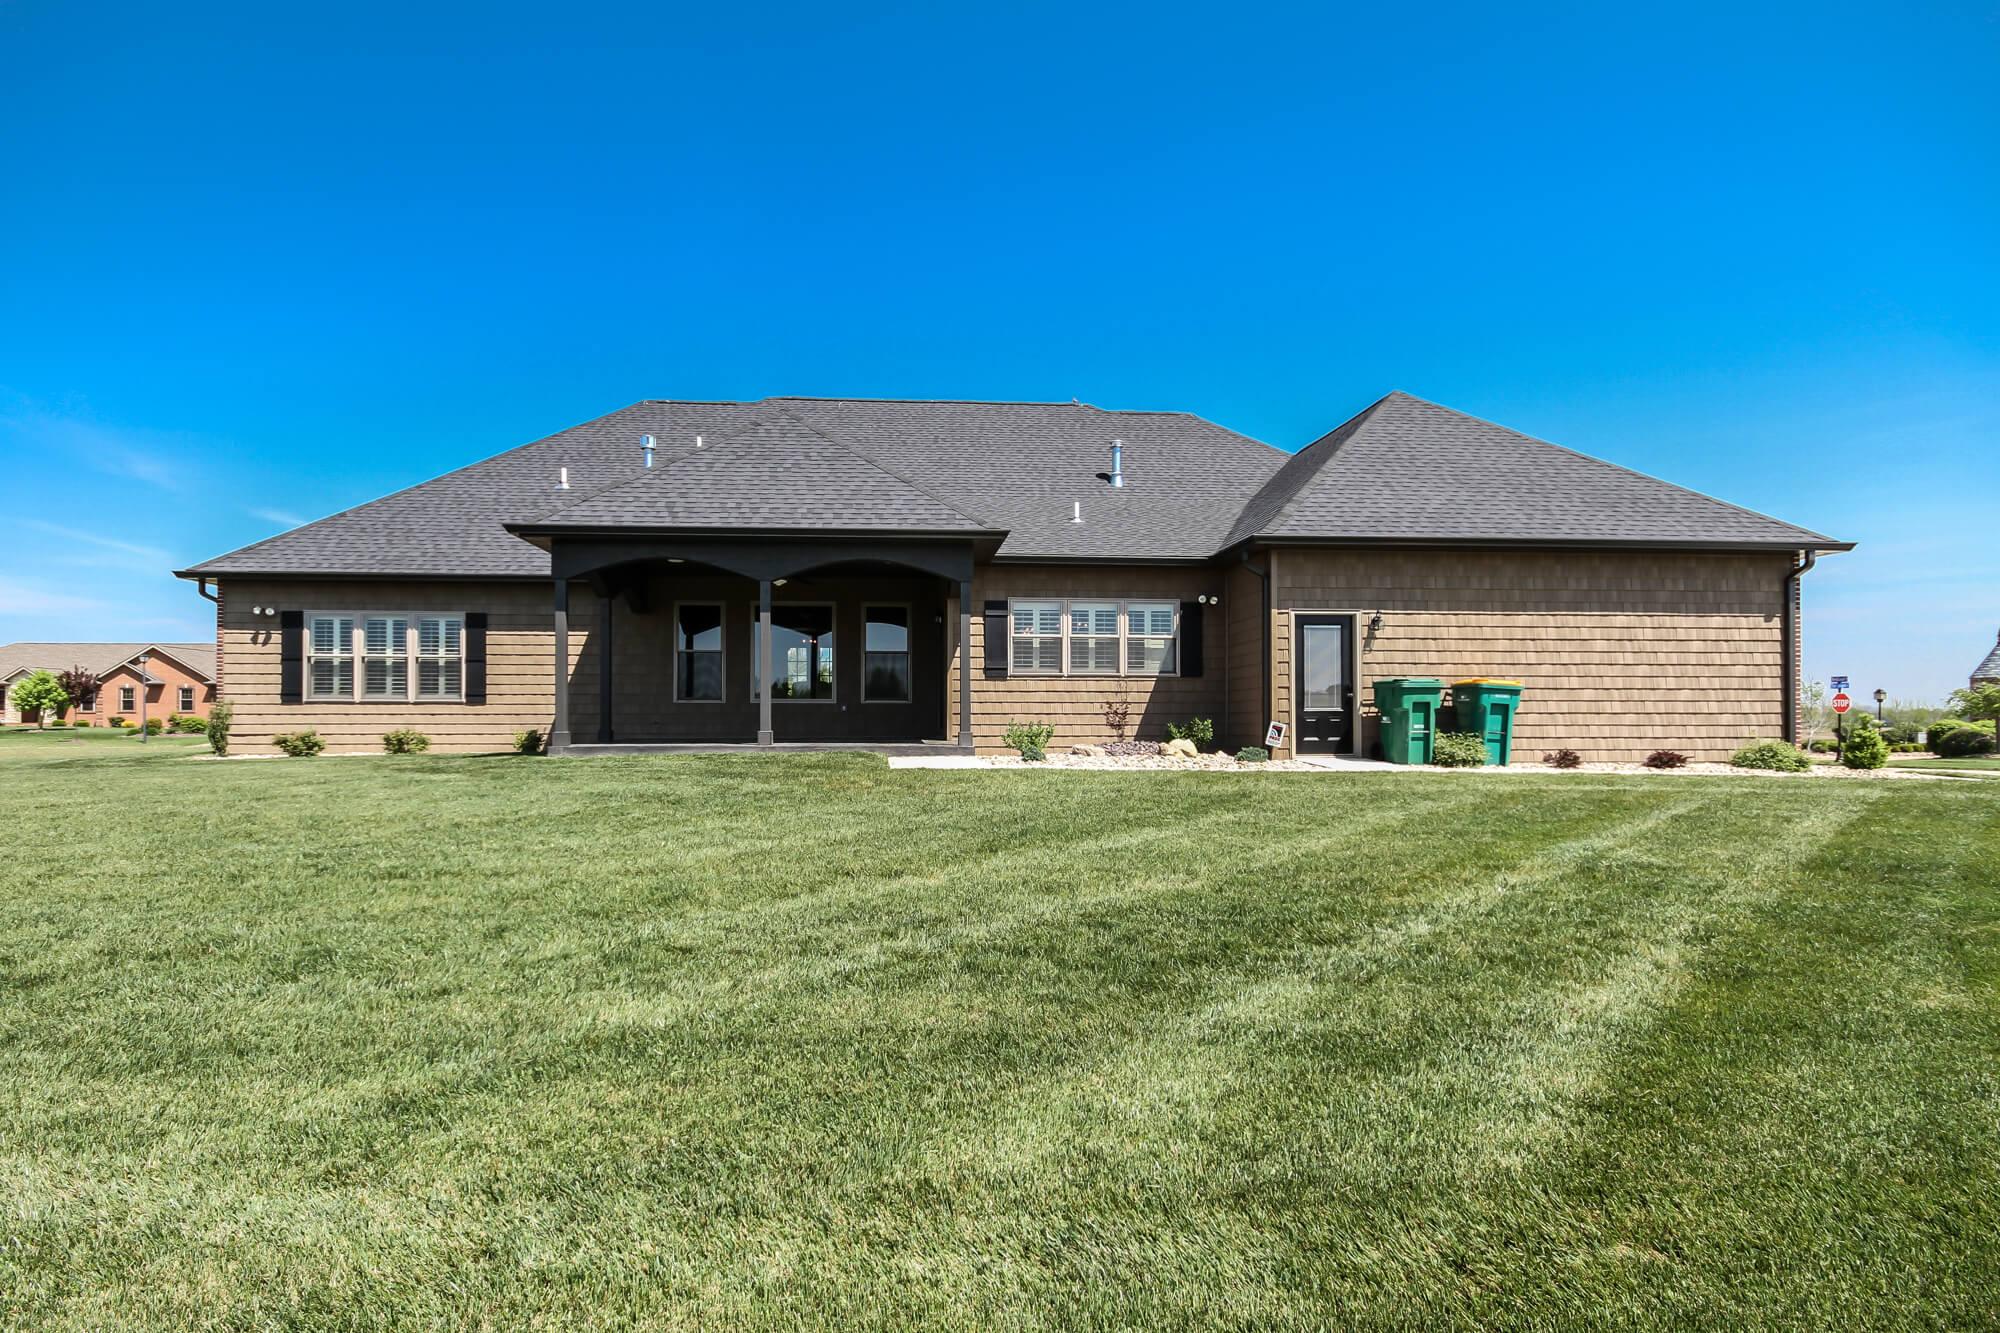 Cobblestone_Ridge_Breckenridge_O'Fallon_Illinois_0-2.jpg